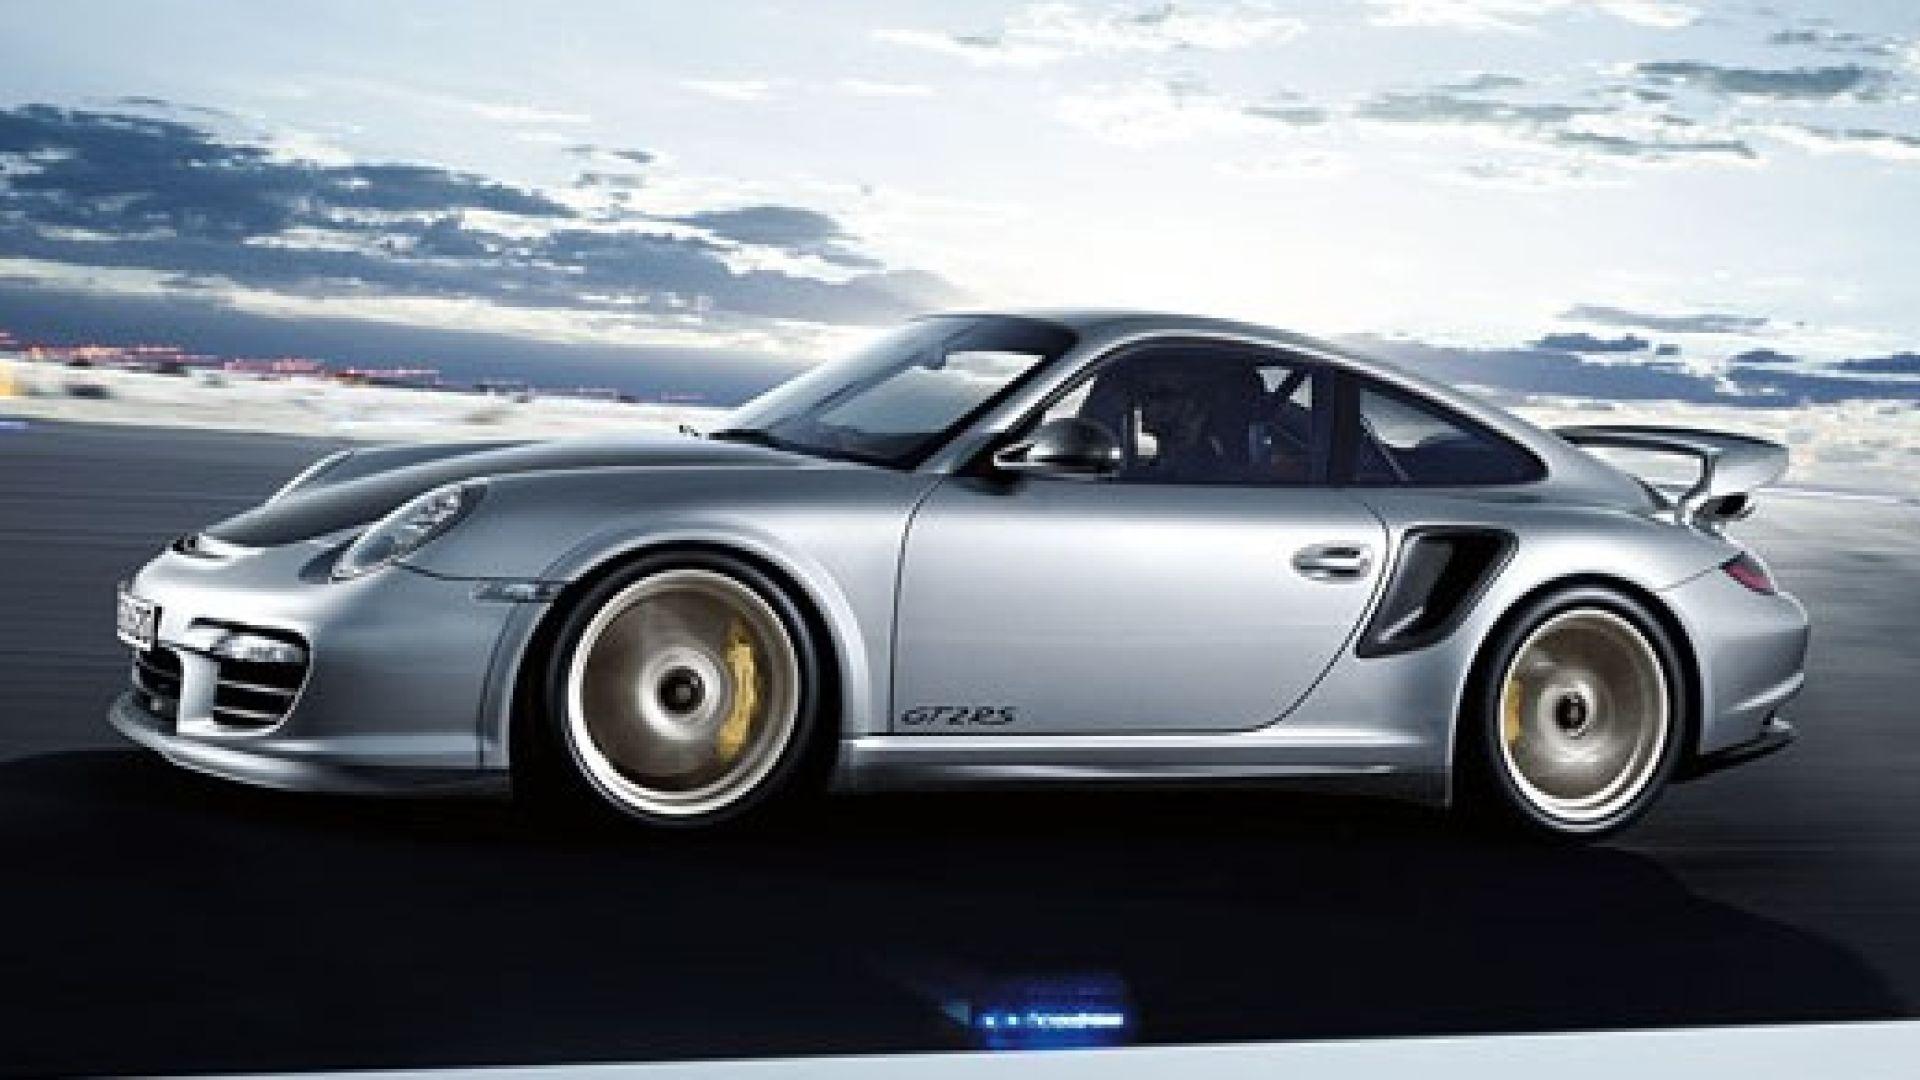 Immagine 42: I marchi auto più importanti del 2010